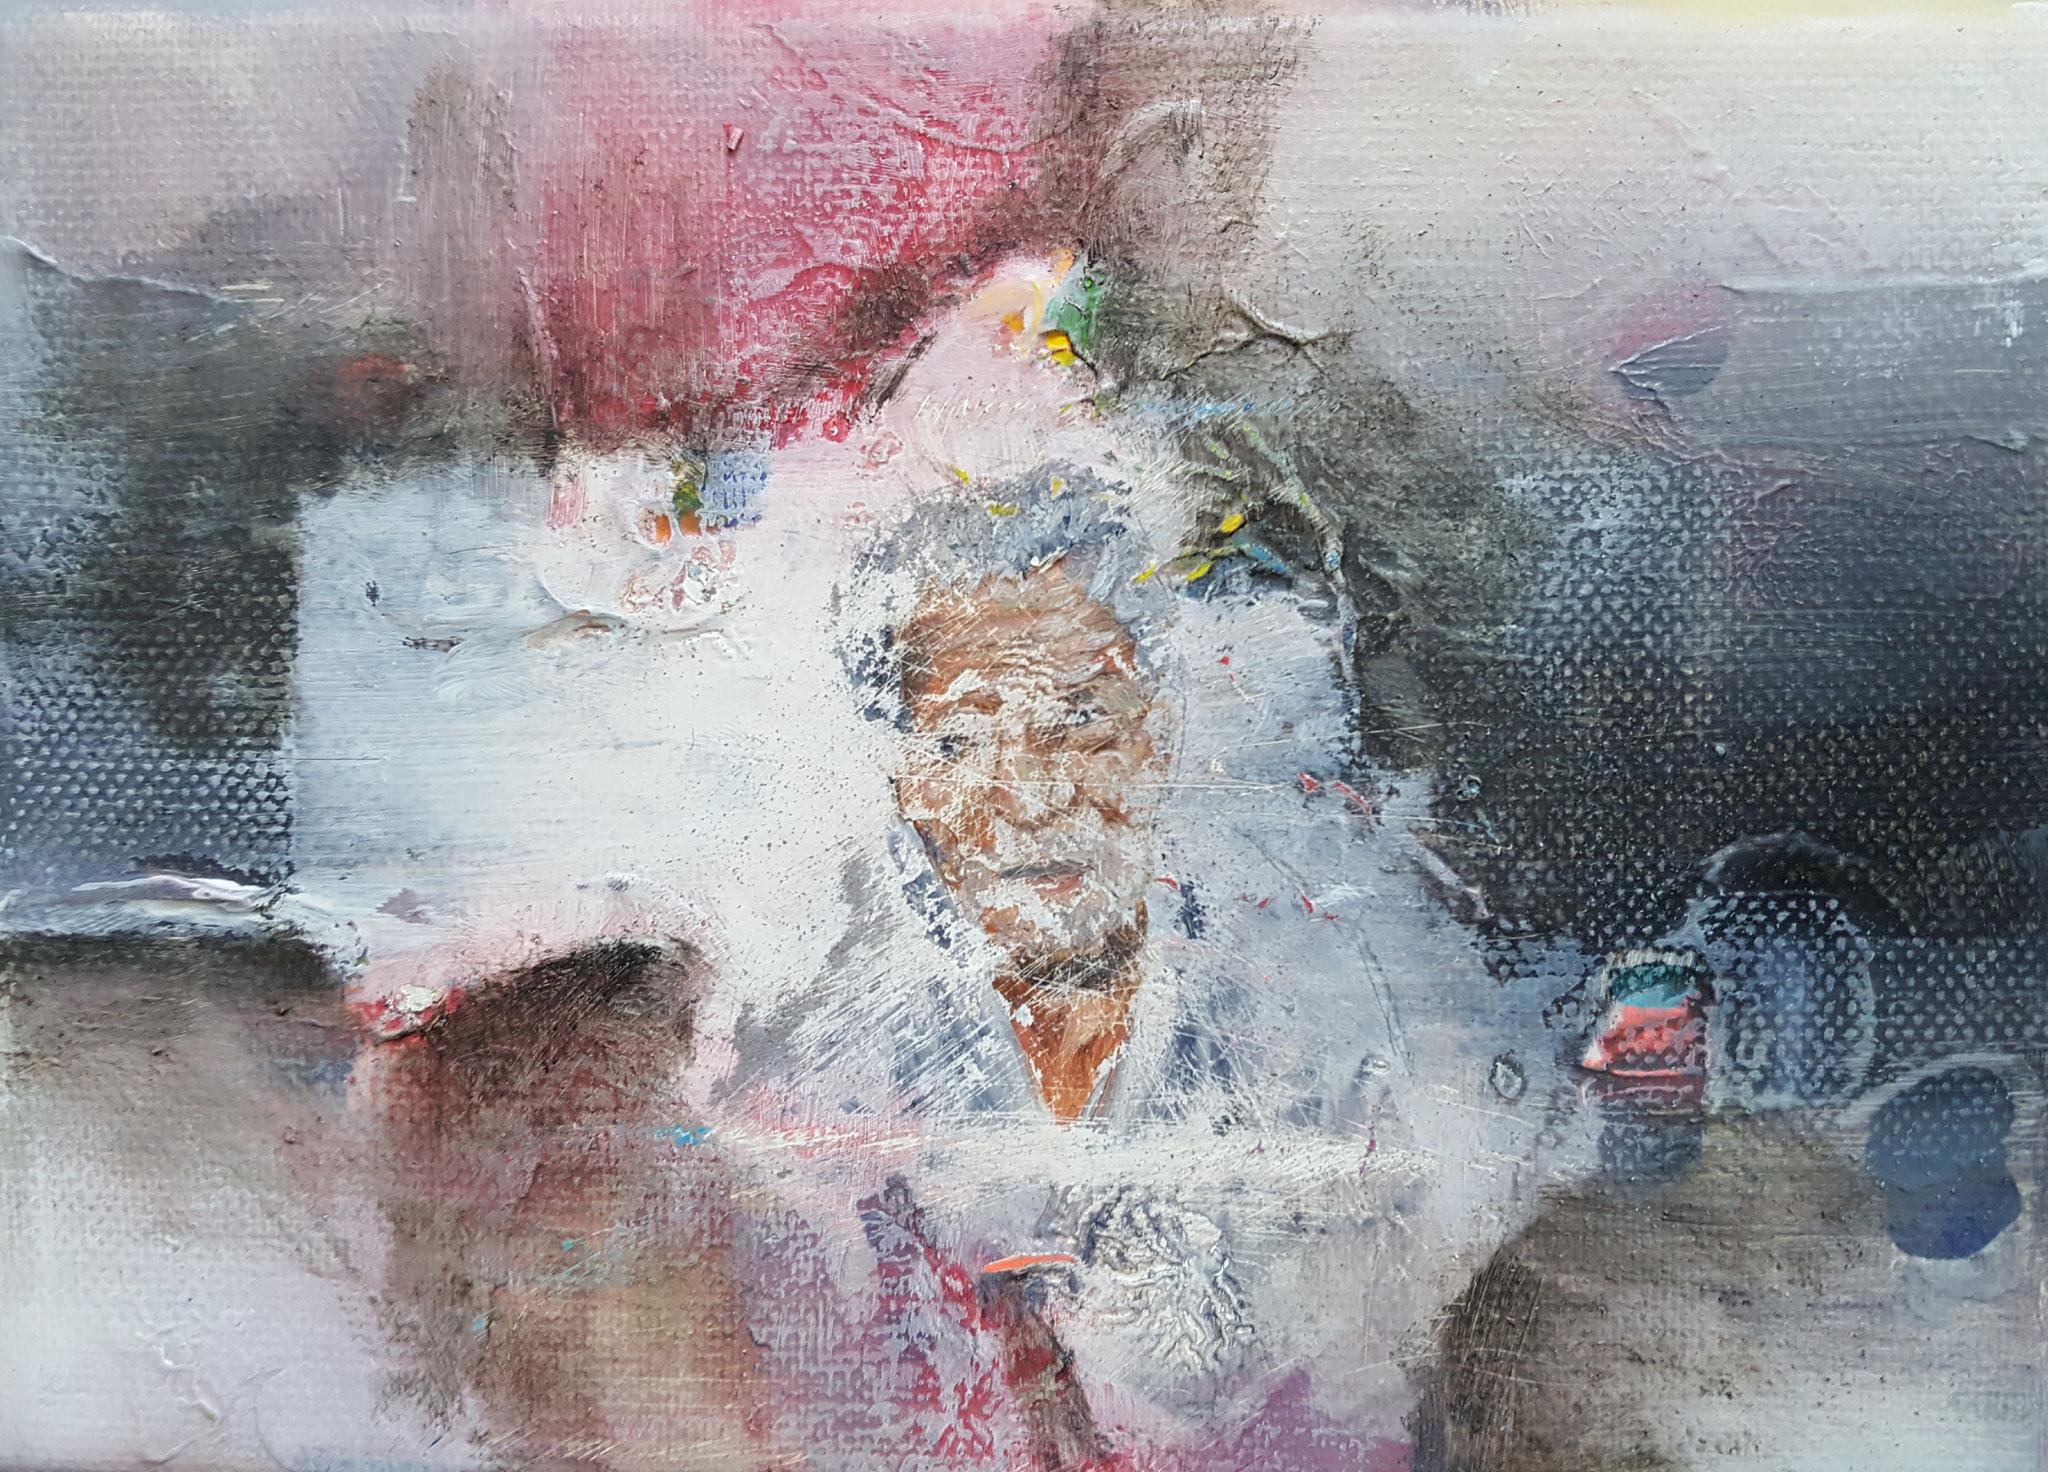 Des-aparecidos I, 2018, 18 x 13 cm, Técnica mixta sobre lienzo